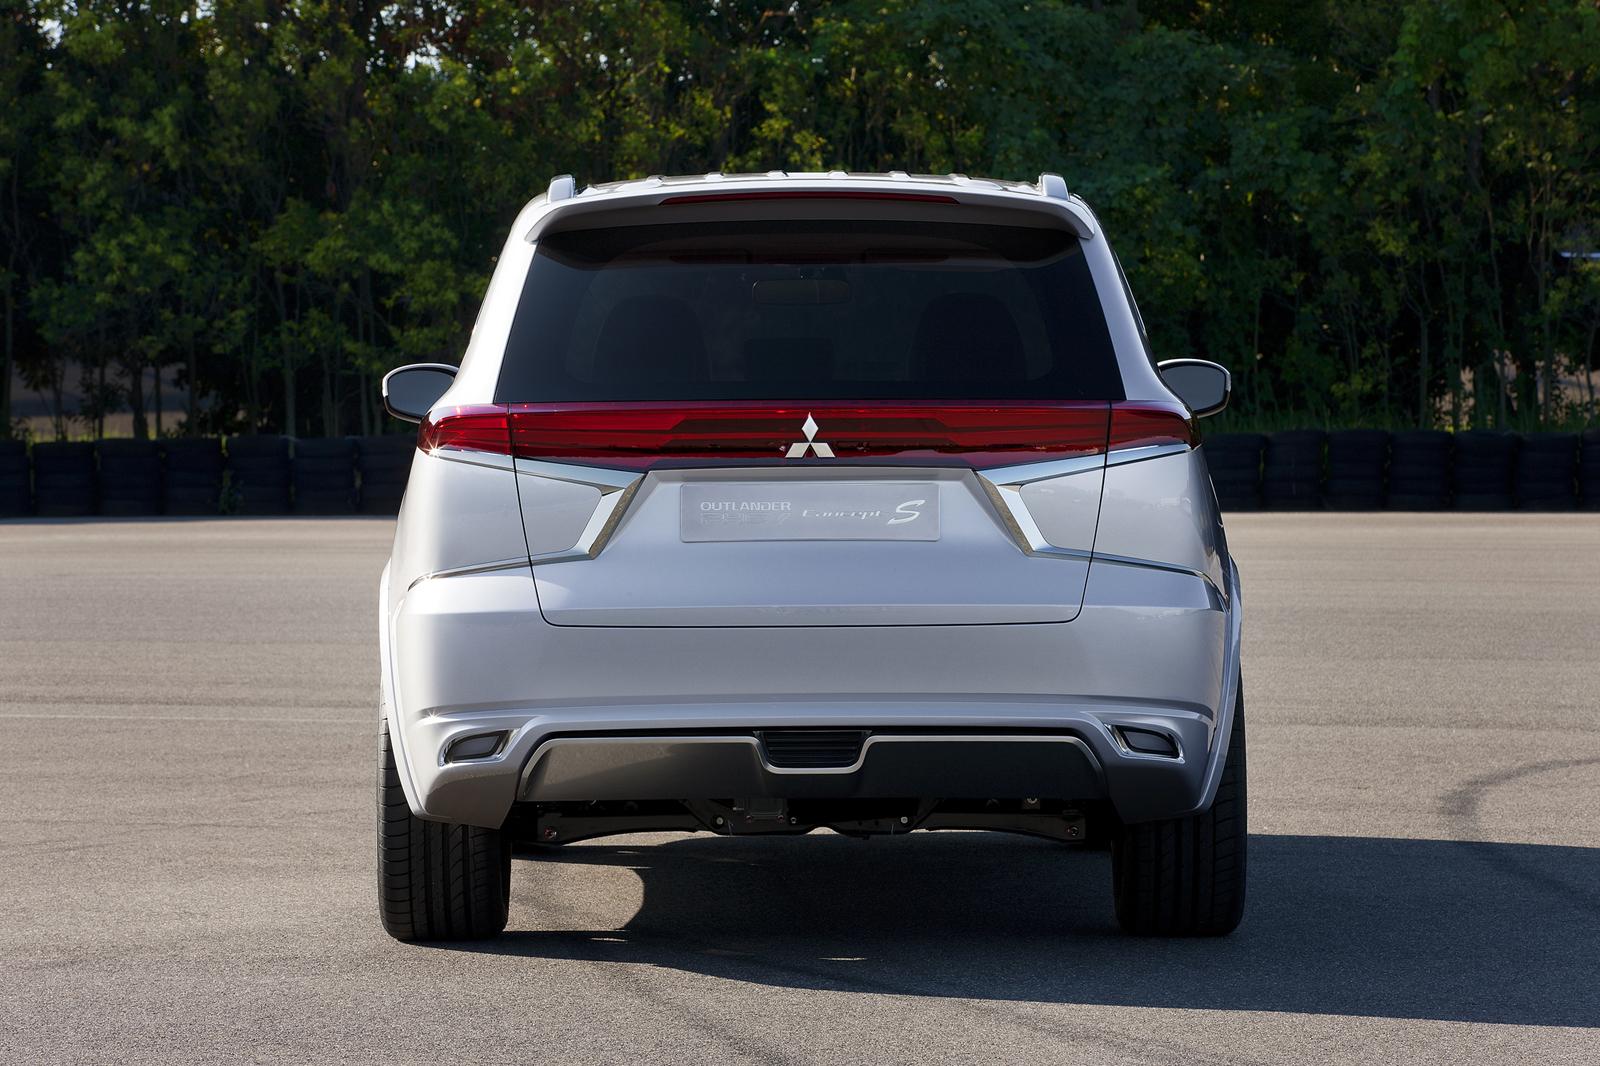 Phần đuôi xe được thiết kế khá độc đáo với cụm đèn sau nằm ngang